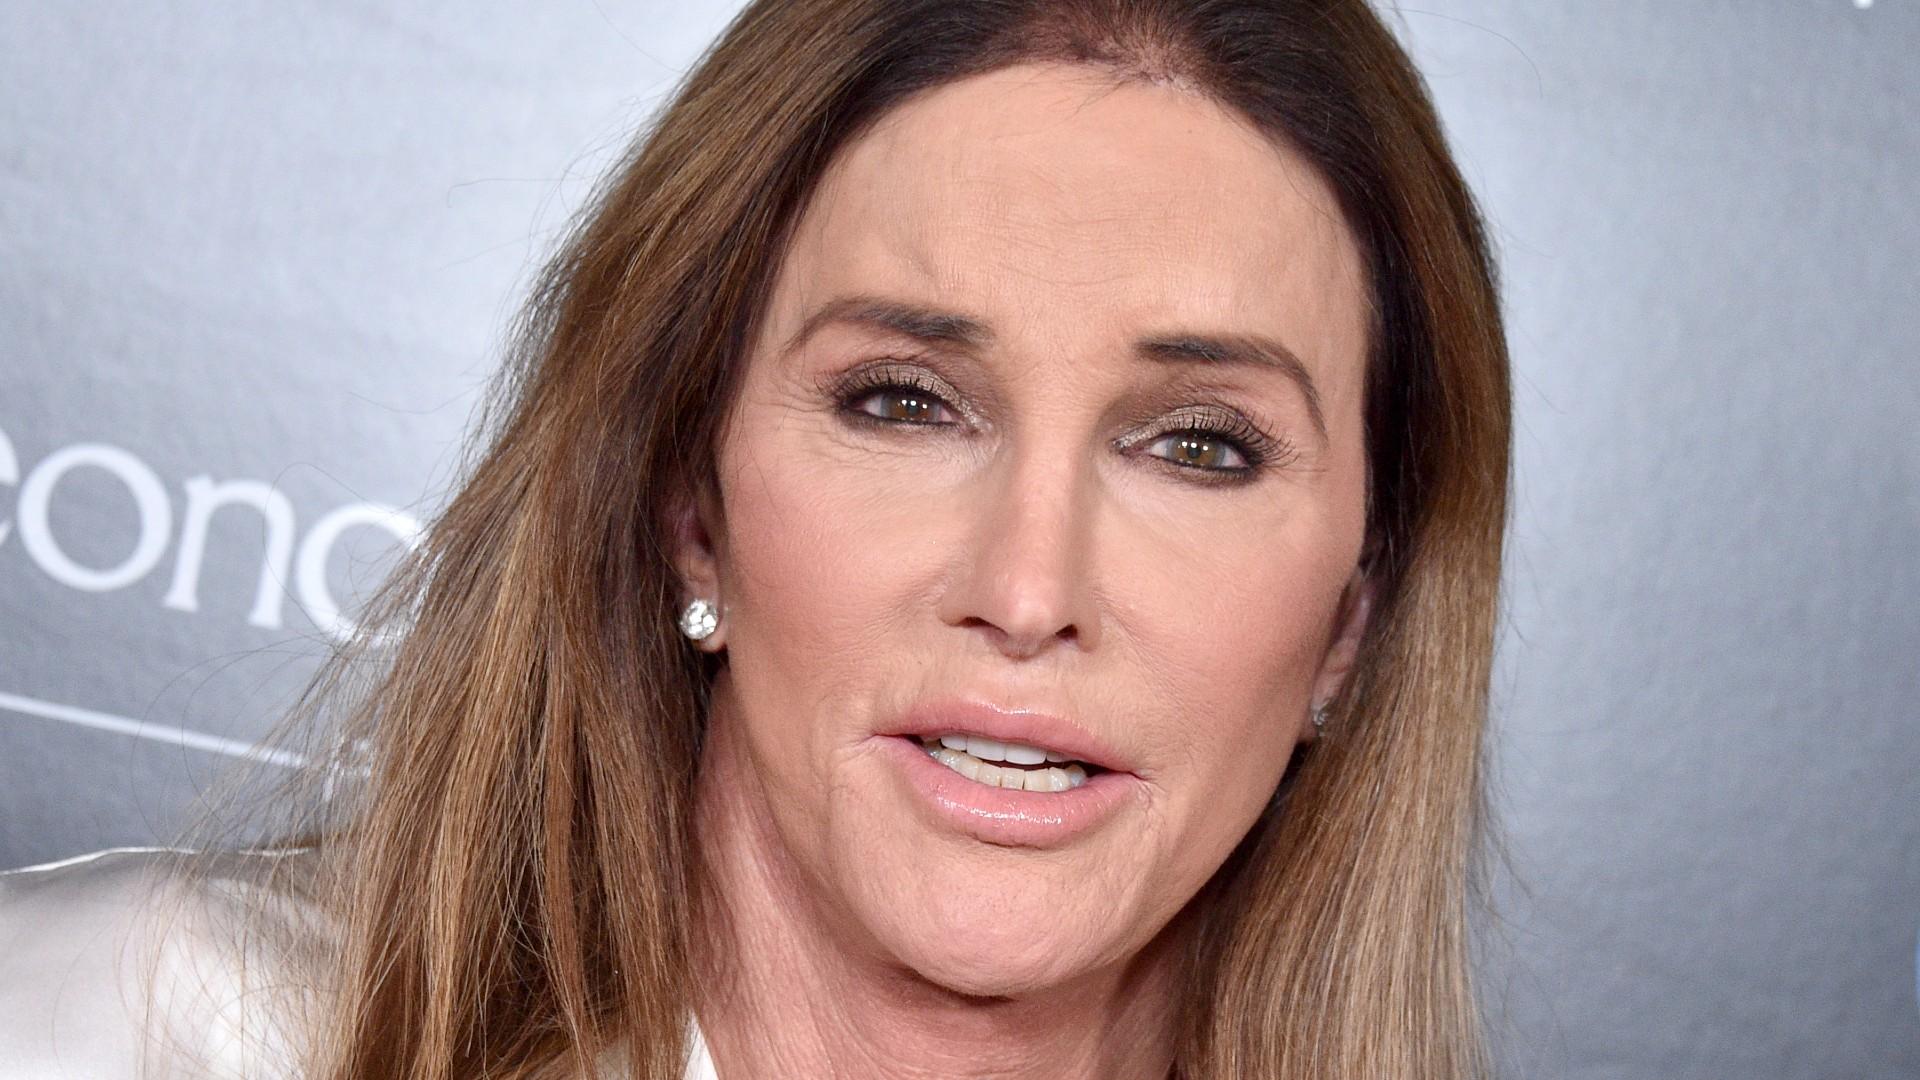 Caitlyn Jenner se opone a que niñas transgénero compitan con niñas en deportes